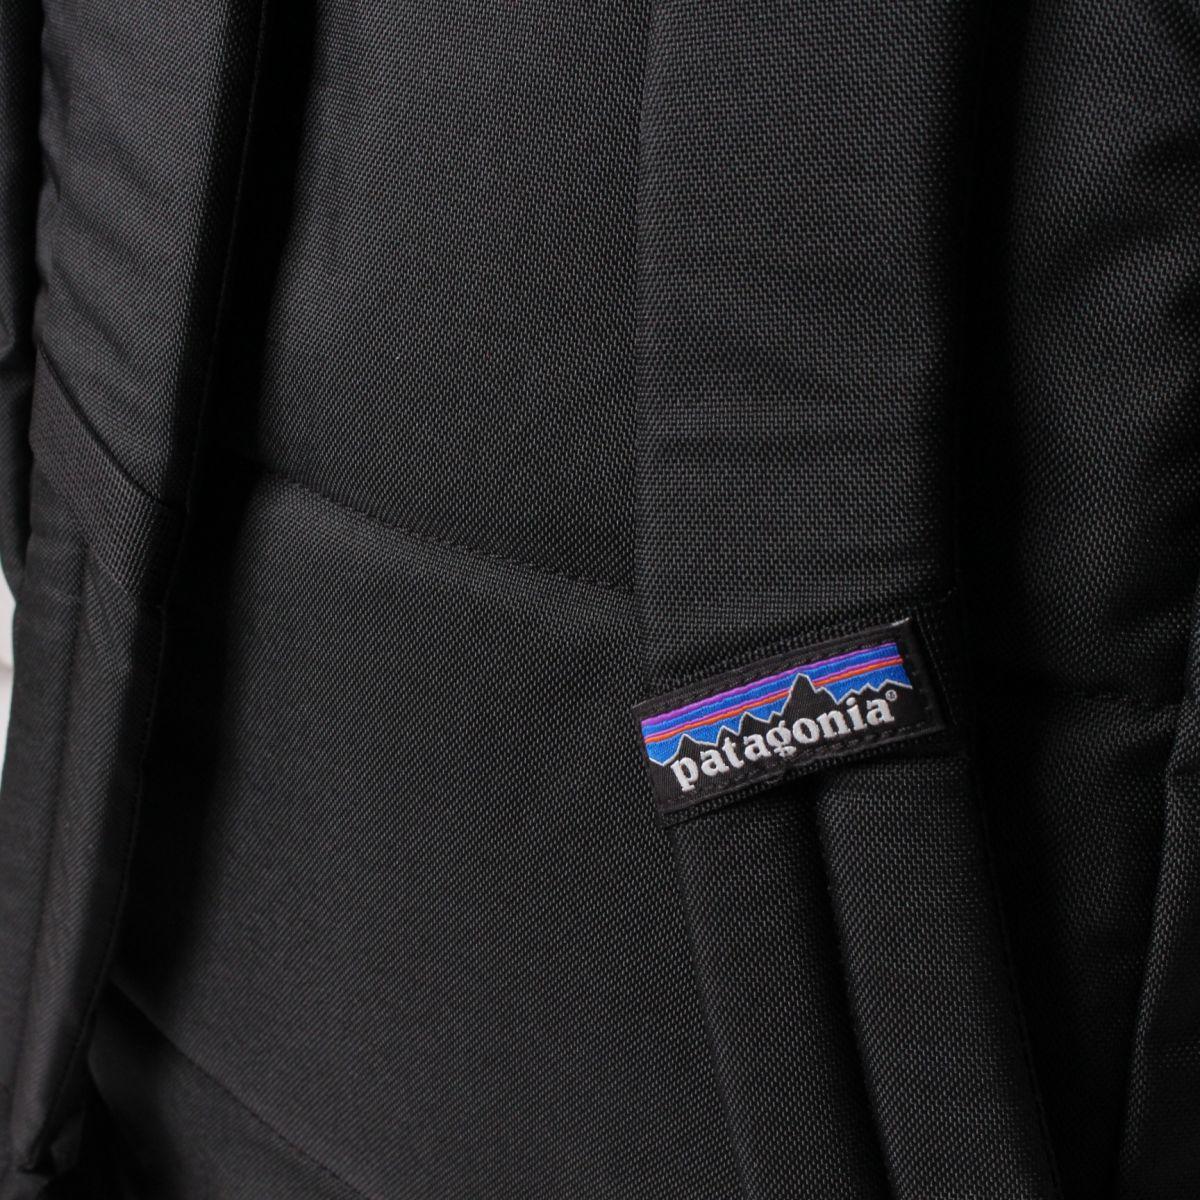 新品 未使用 正規品 pantagonia パタゴニア リュック 25L Arbor Classic Pack バックパック 鞄 デイパック ブラック キャンプ 登山 r015206_画像5